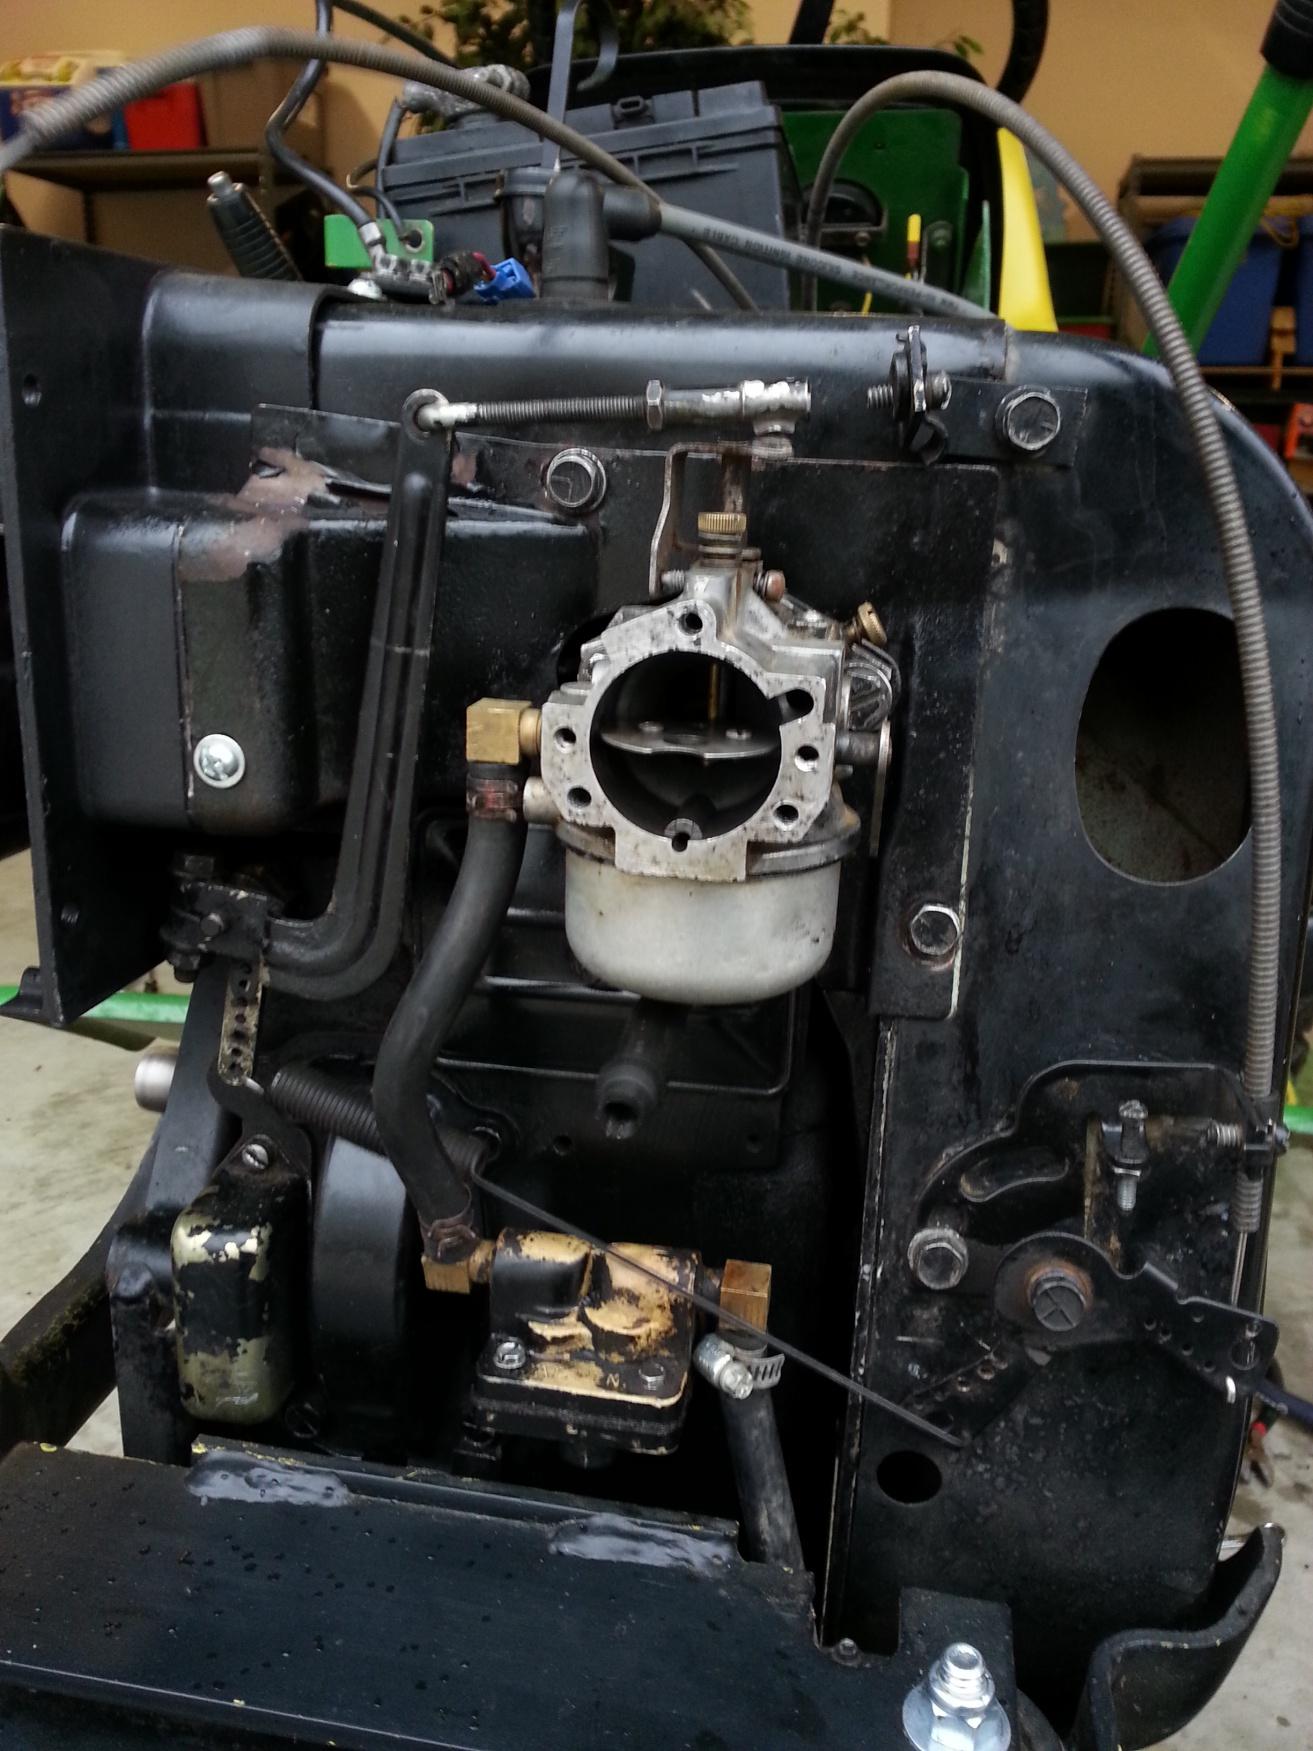 john deere 212 engine diagram kohler k301 revs out of control worn governor shaft  kohler k301 revs out of control worn governor shaft